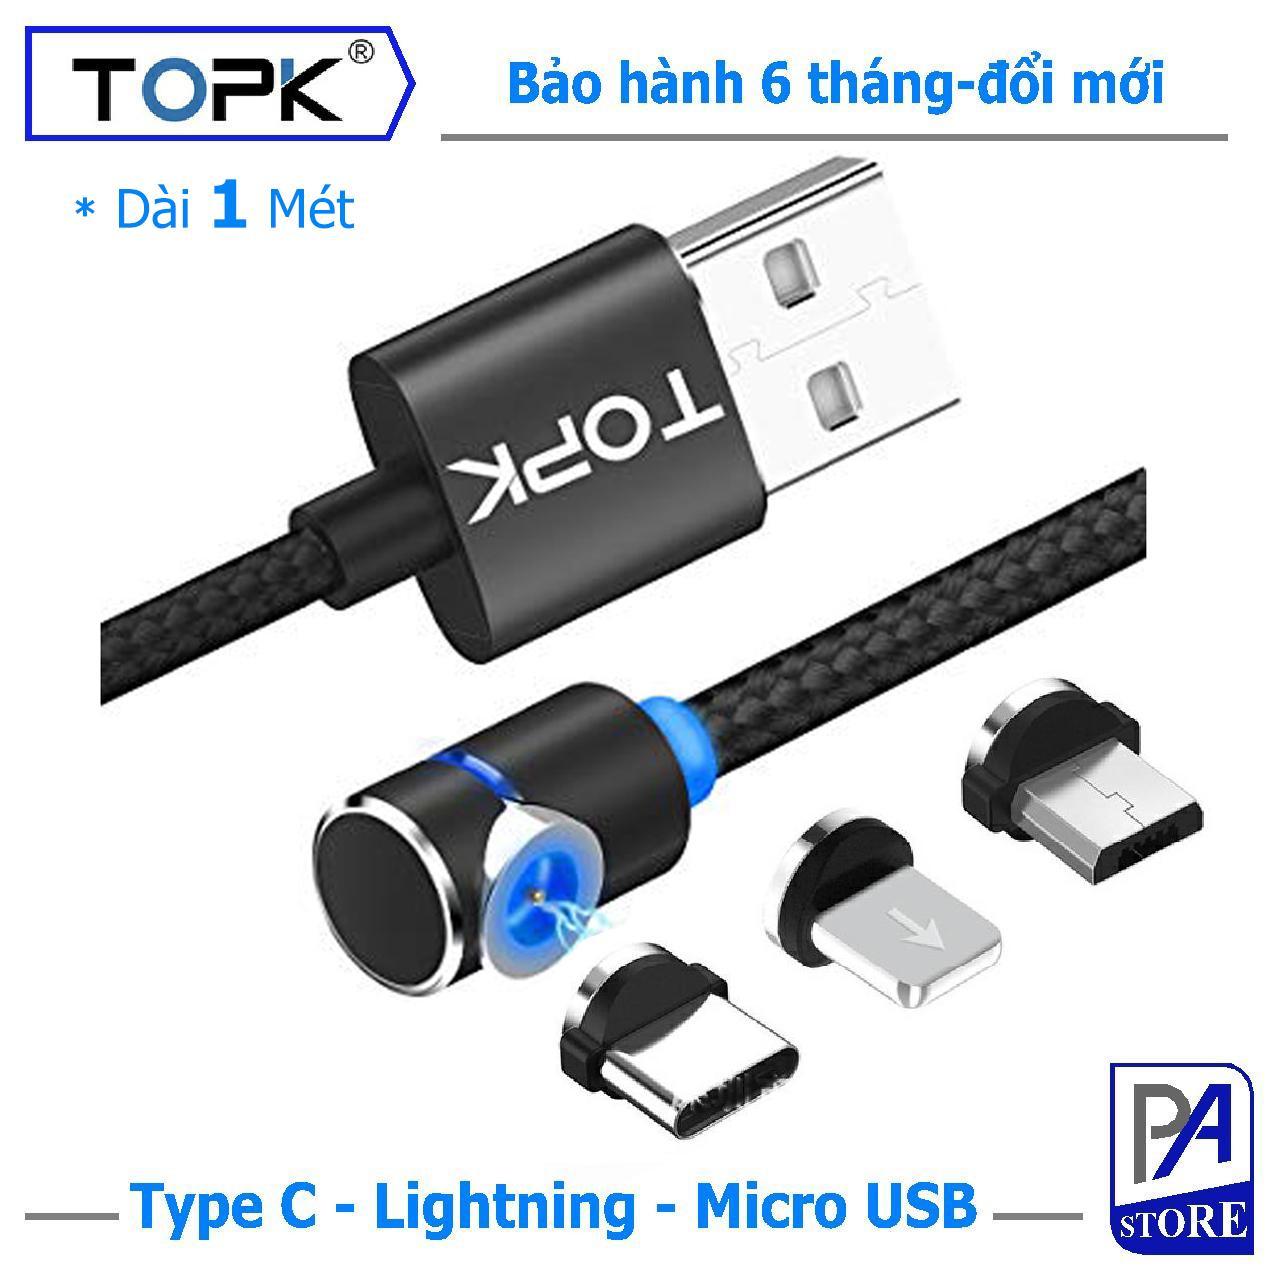 Cáp Sạc Nam châm TOPK Siêu Phong Cách, Dài 1 mét, Chữ L (1 Trong 3 Đầu Iphone Lightning, Micro USB, USB Type C)